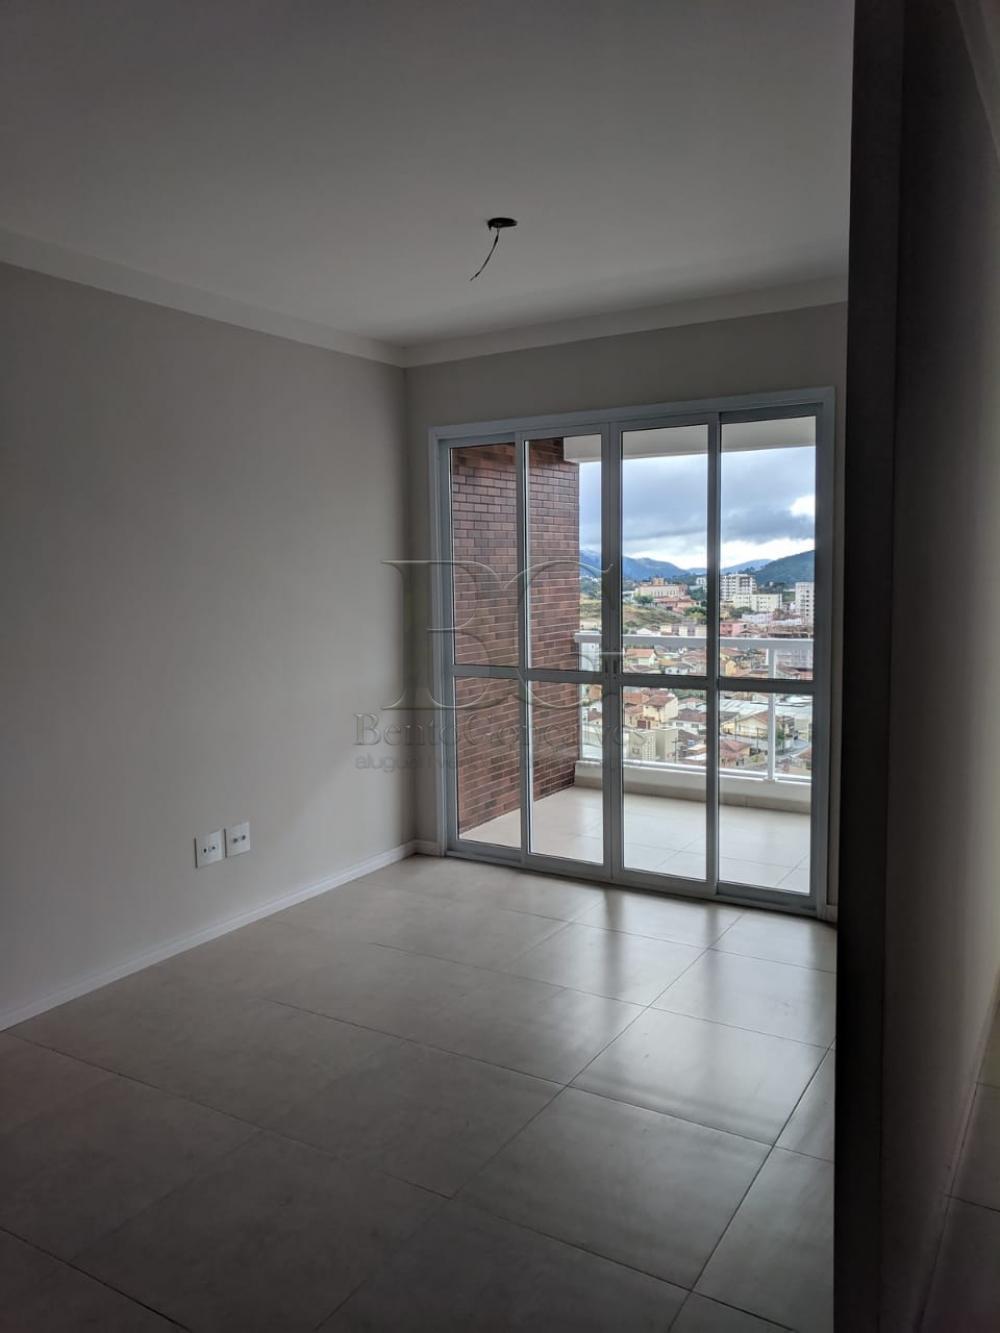 Comprar Apartamentos / Padrão em Poços de Caldas apenas R$ 225.000,00 - Foto 2